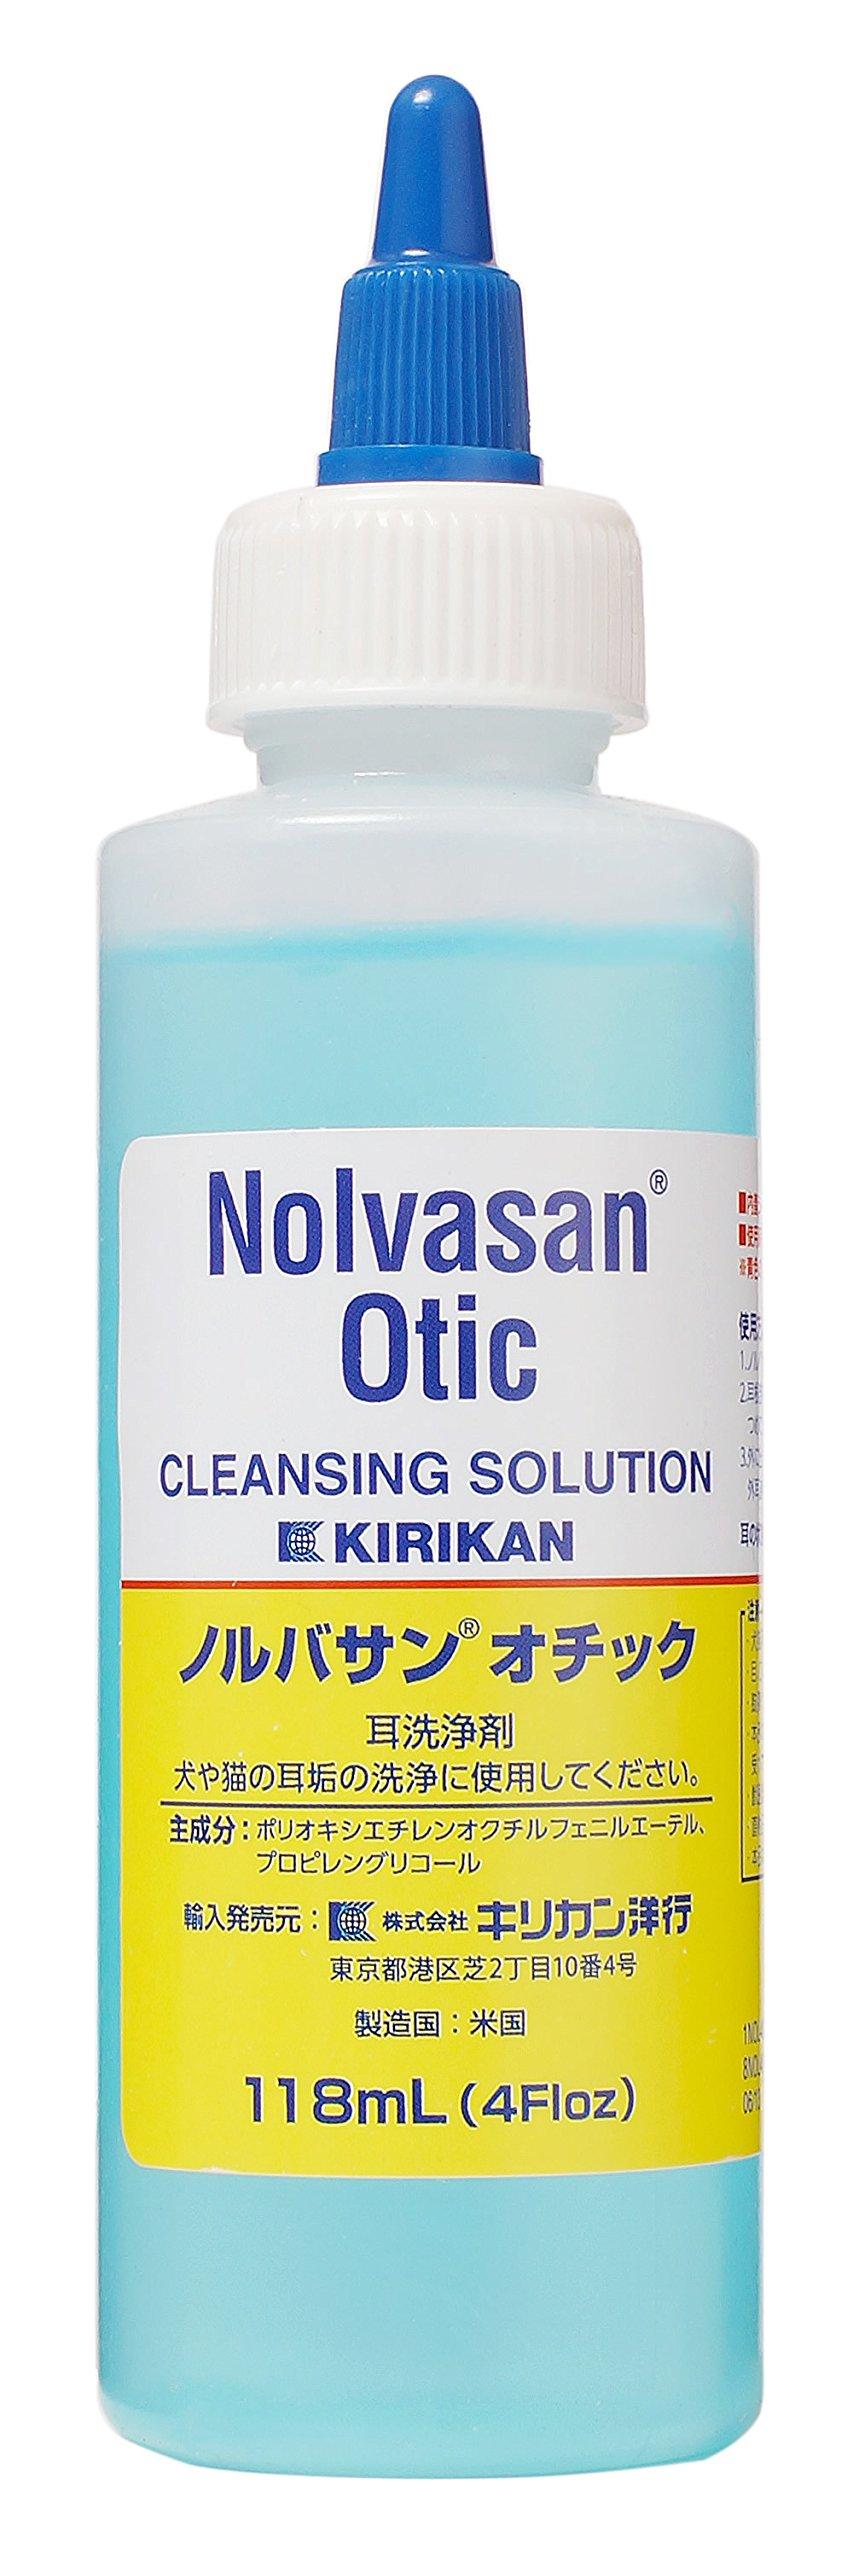 ノルバサンオチック 118mL product image